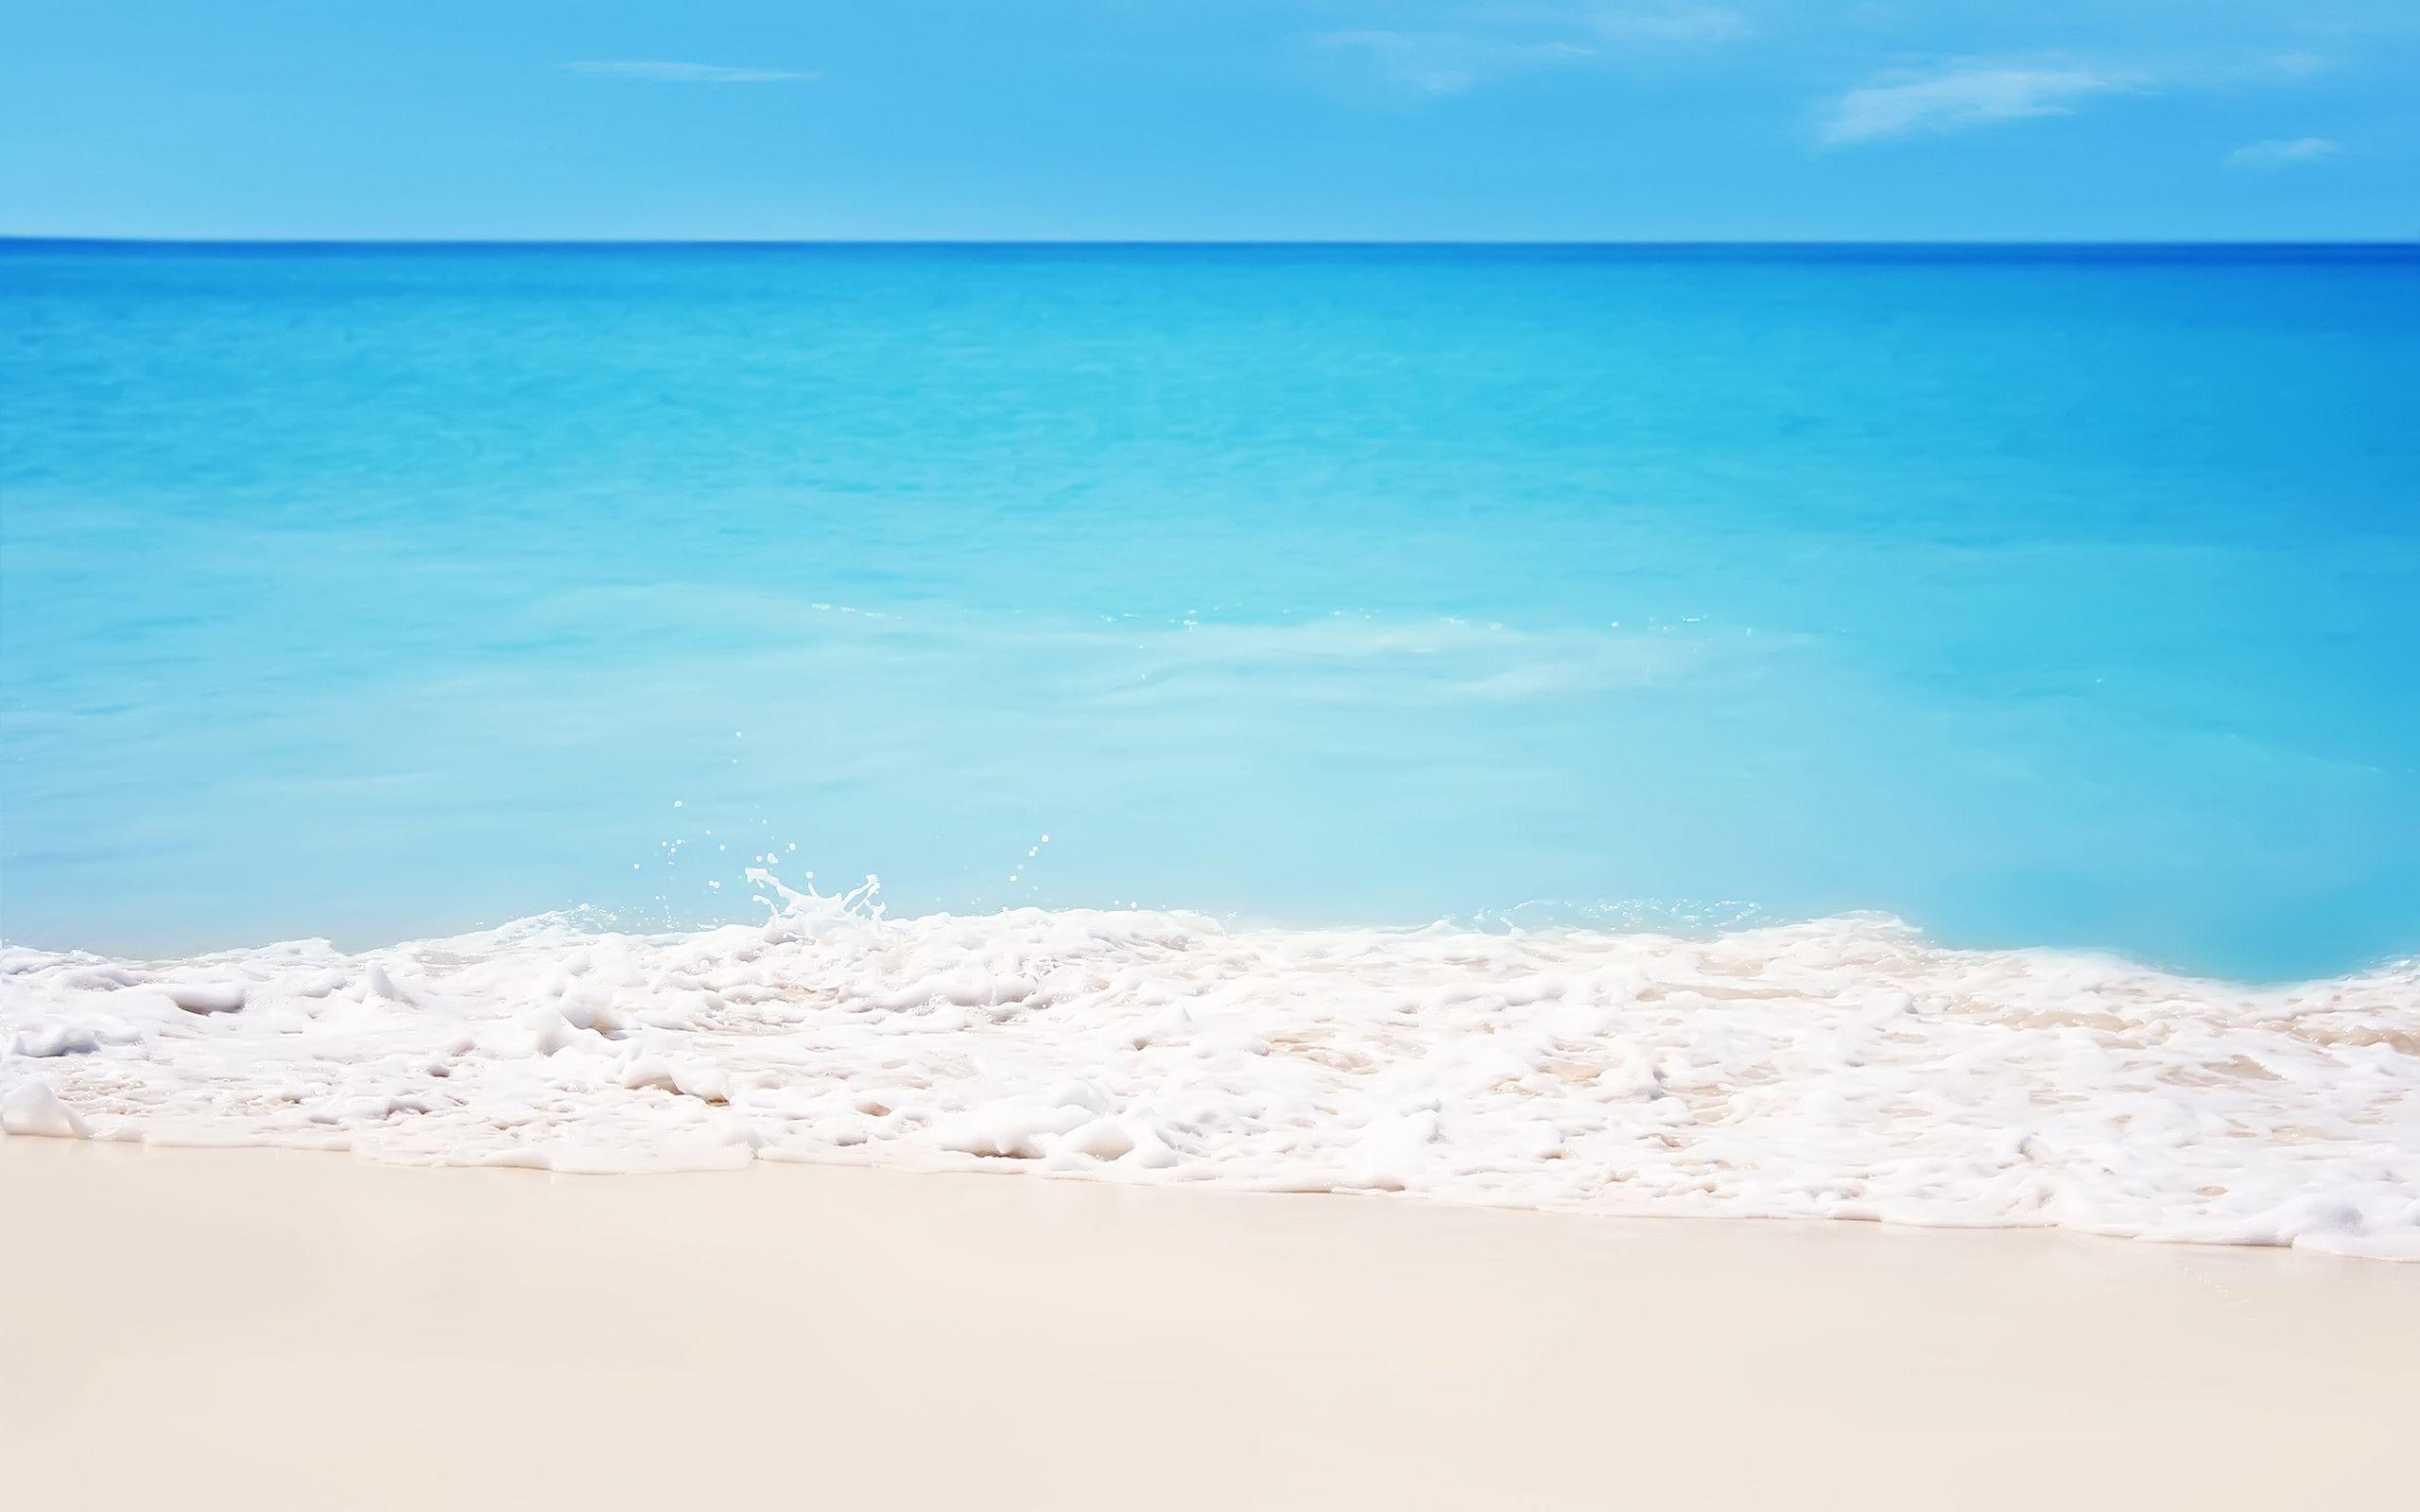 beach sand wallpaper - wallpapersafari